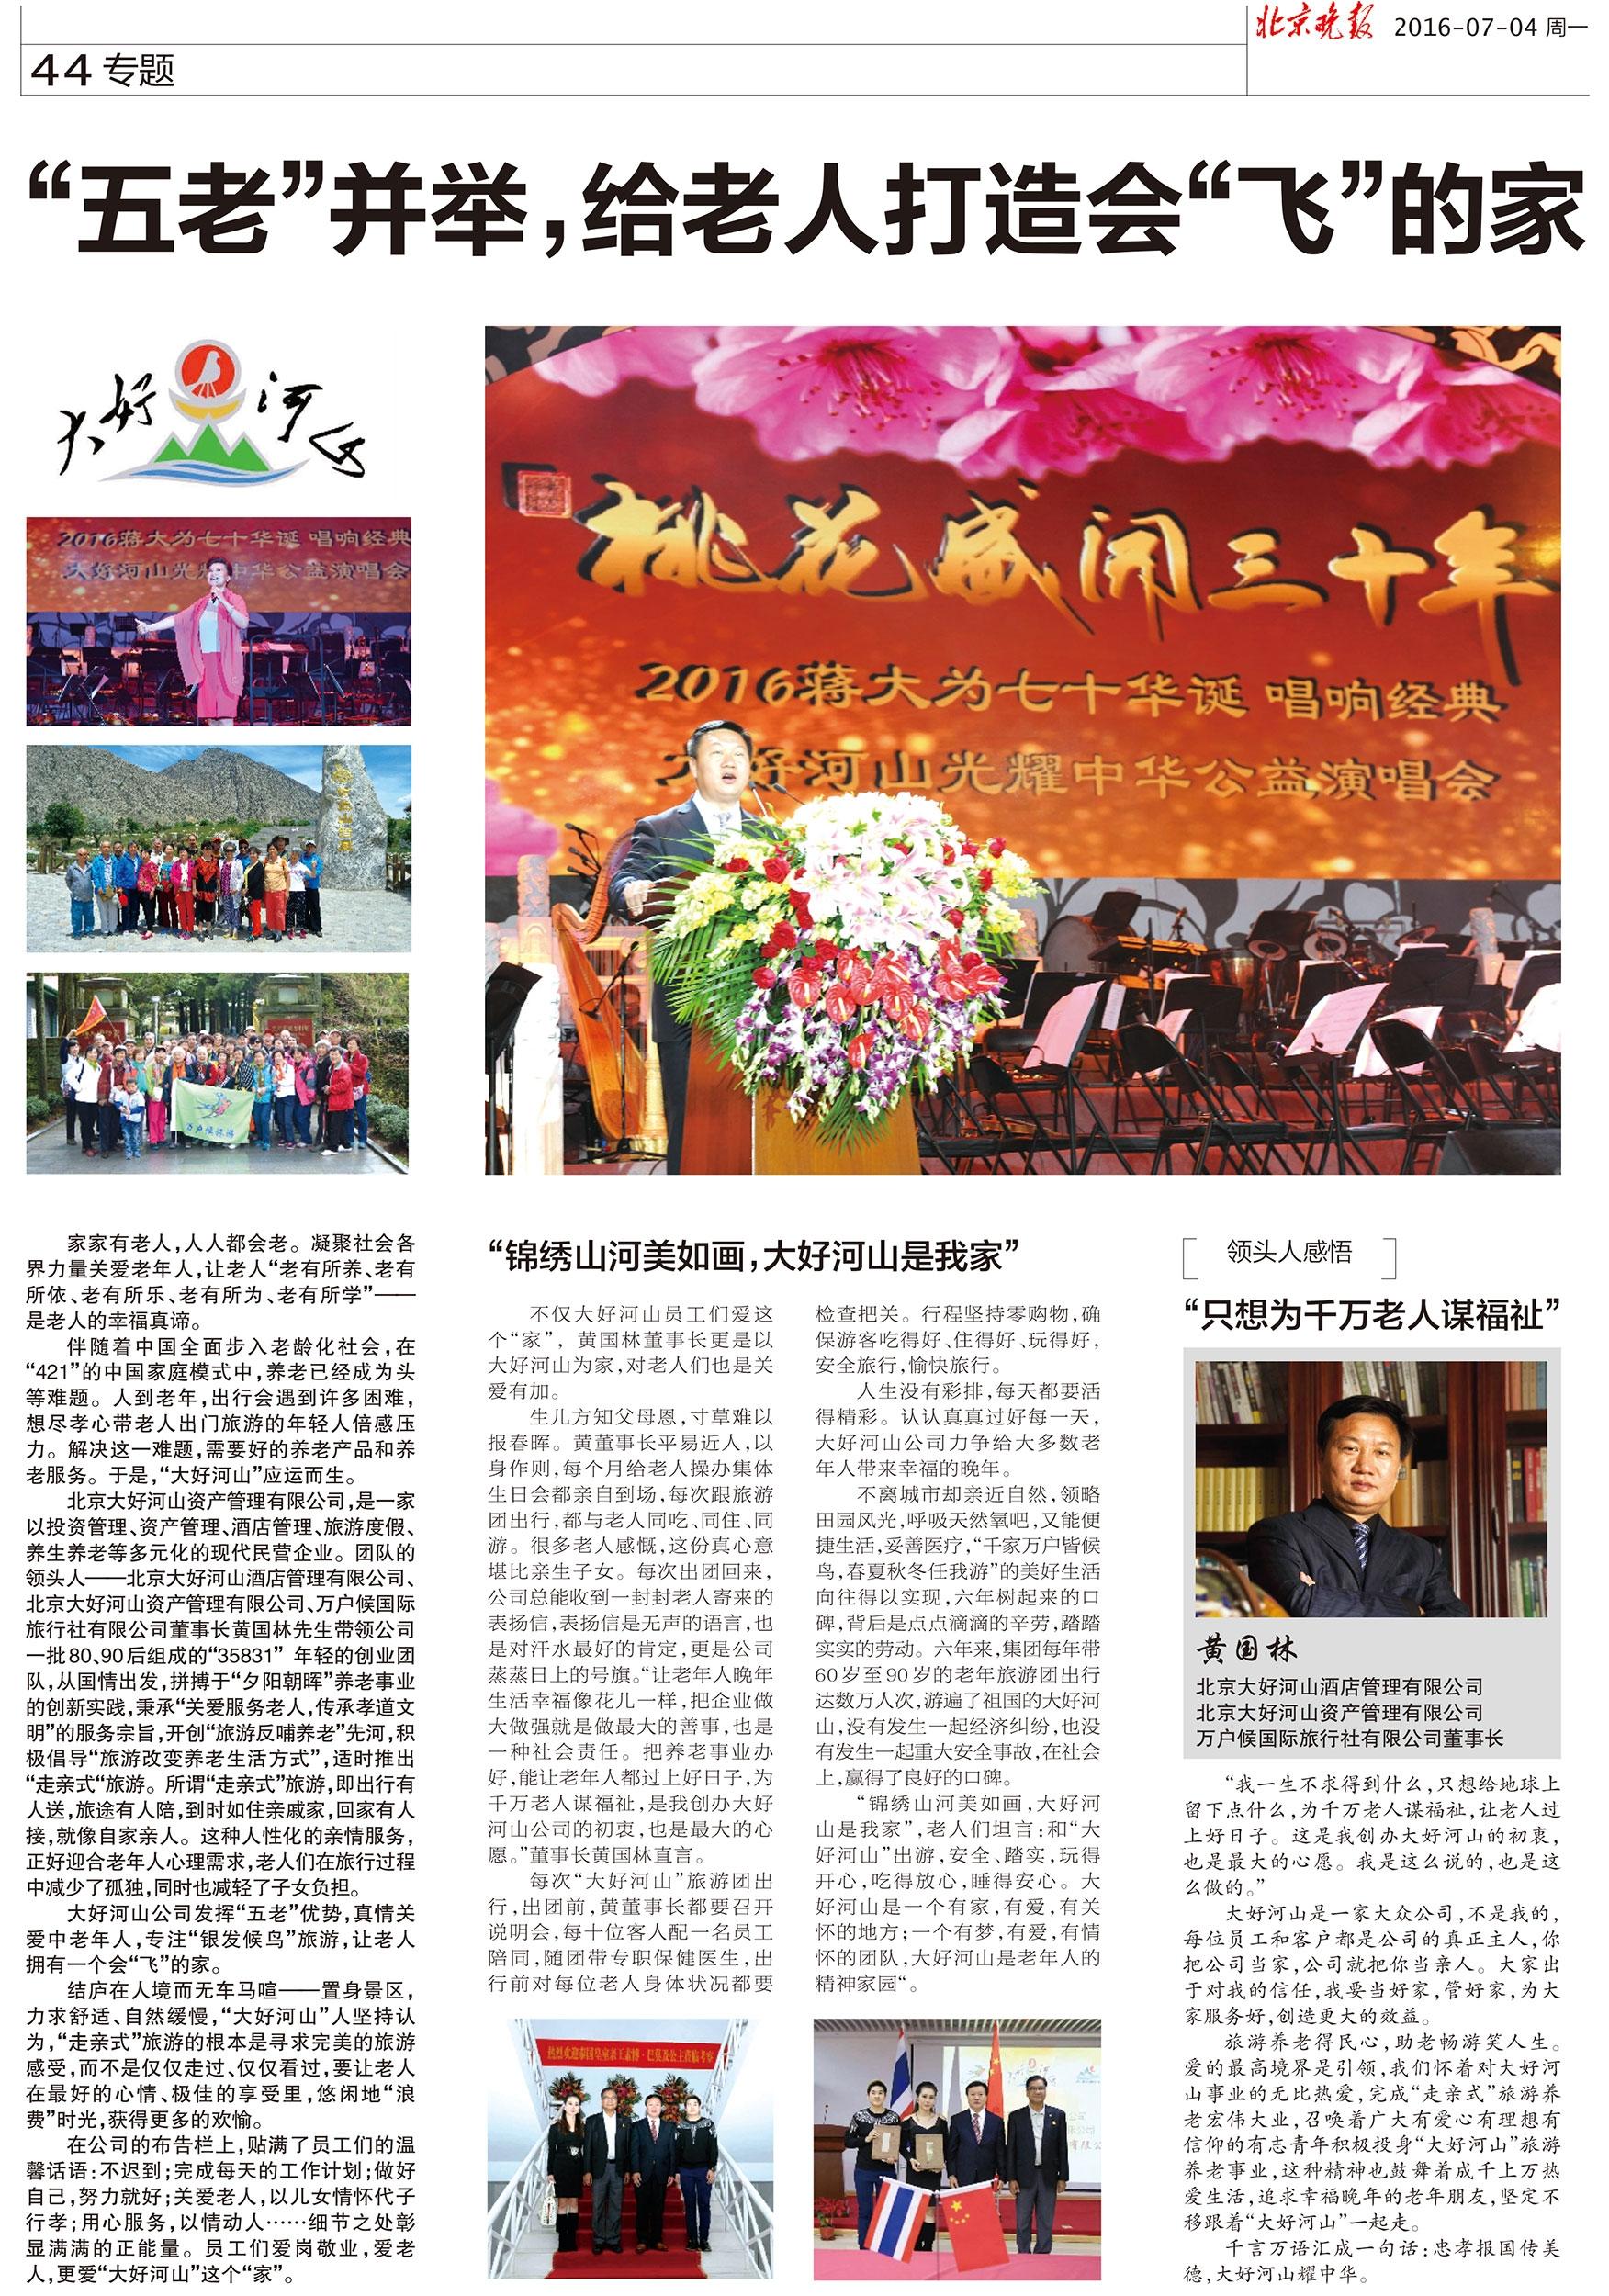 北京晚报 2016-07-04 专题44